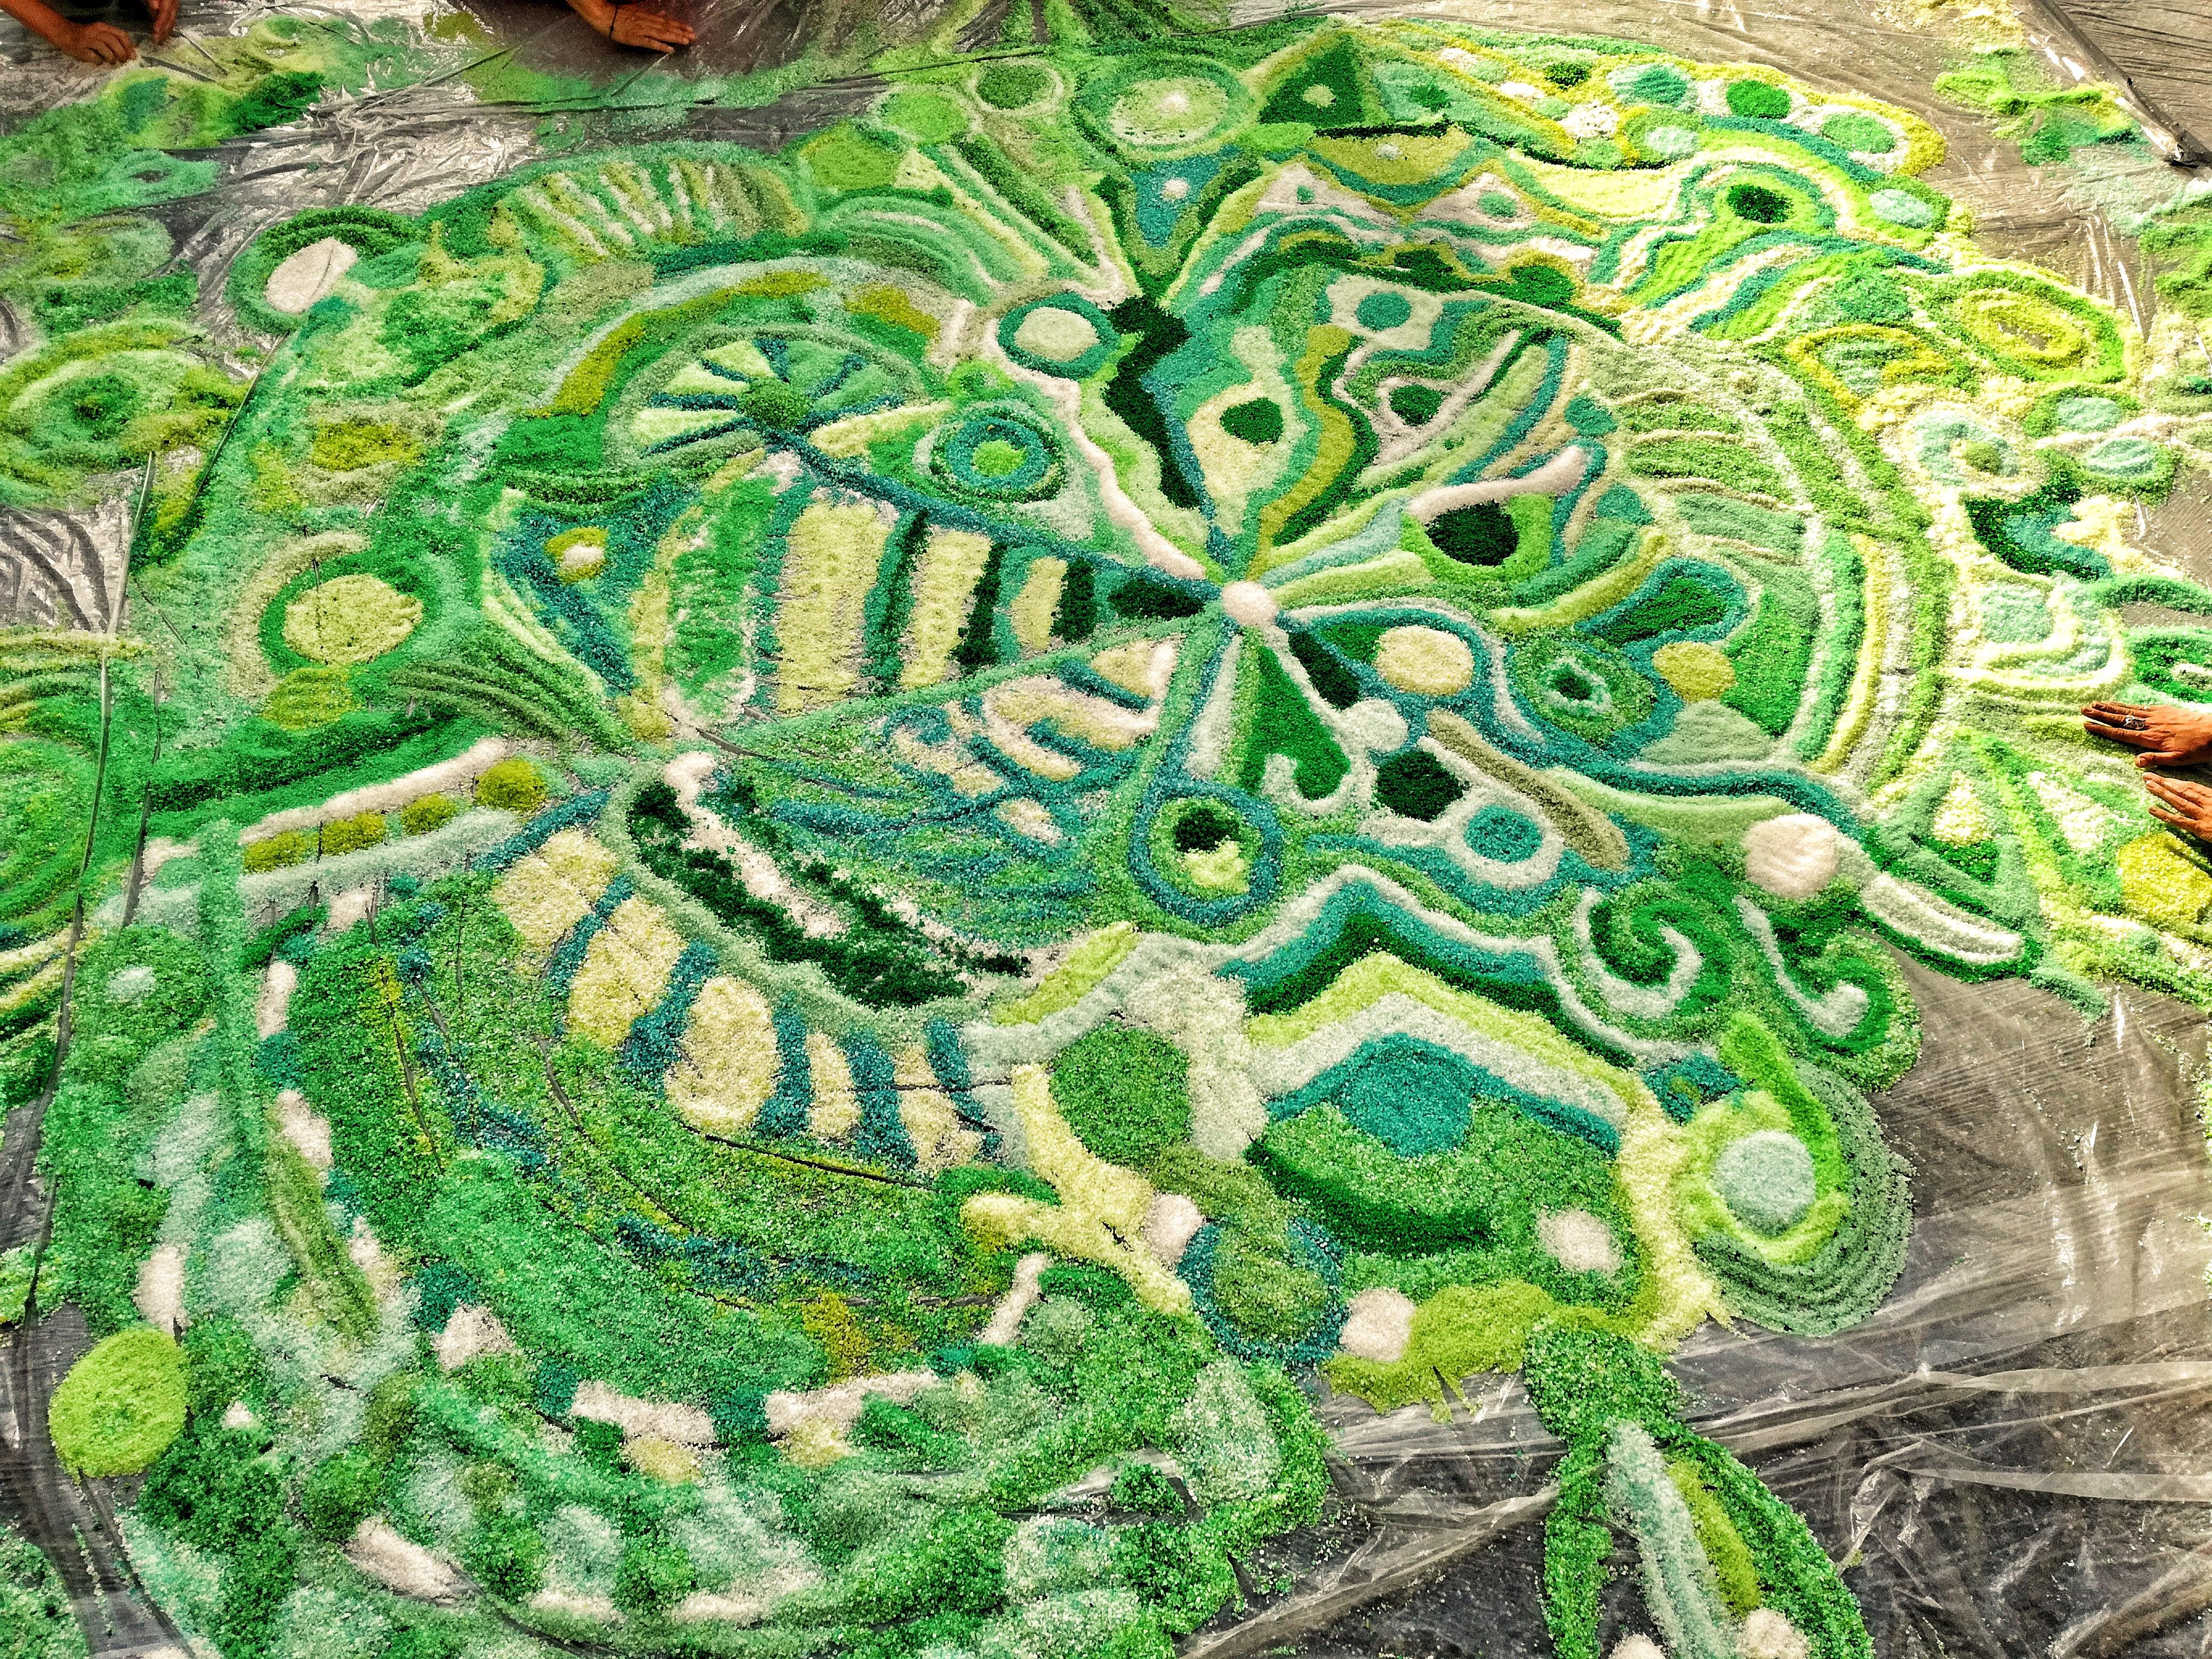 Un cuore di sale verde al centro <br>della campagna LAM Italia Onlus